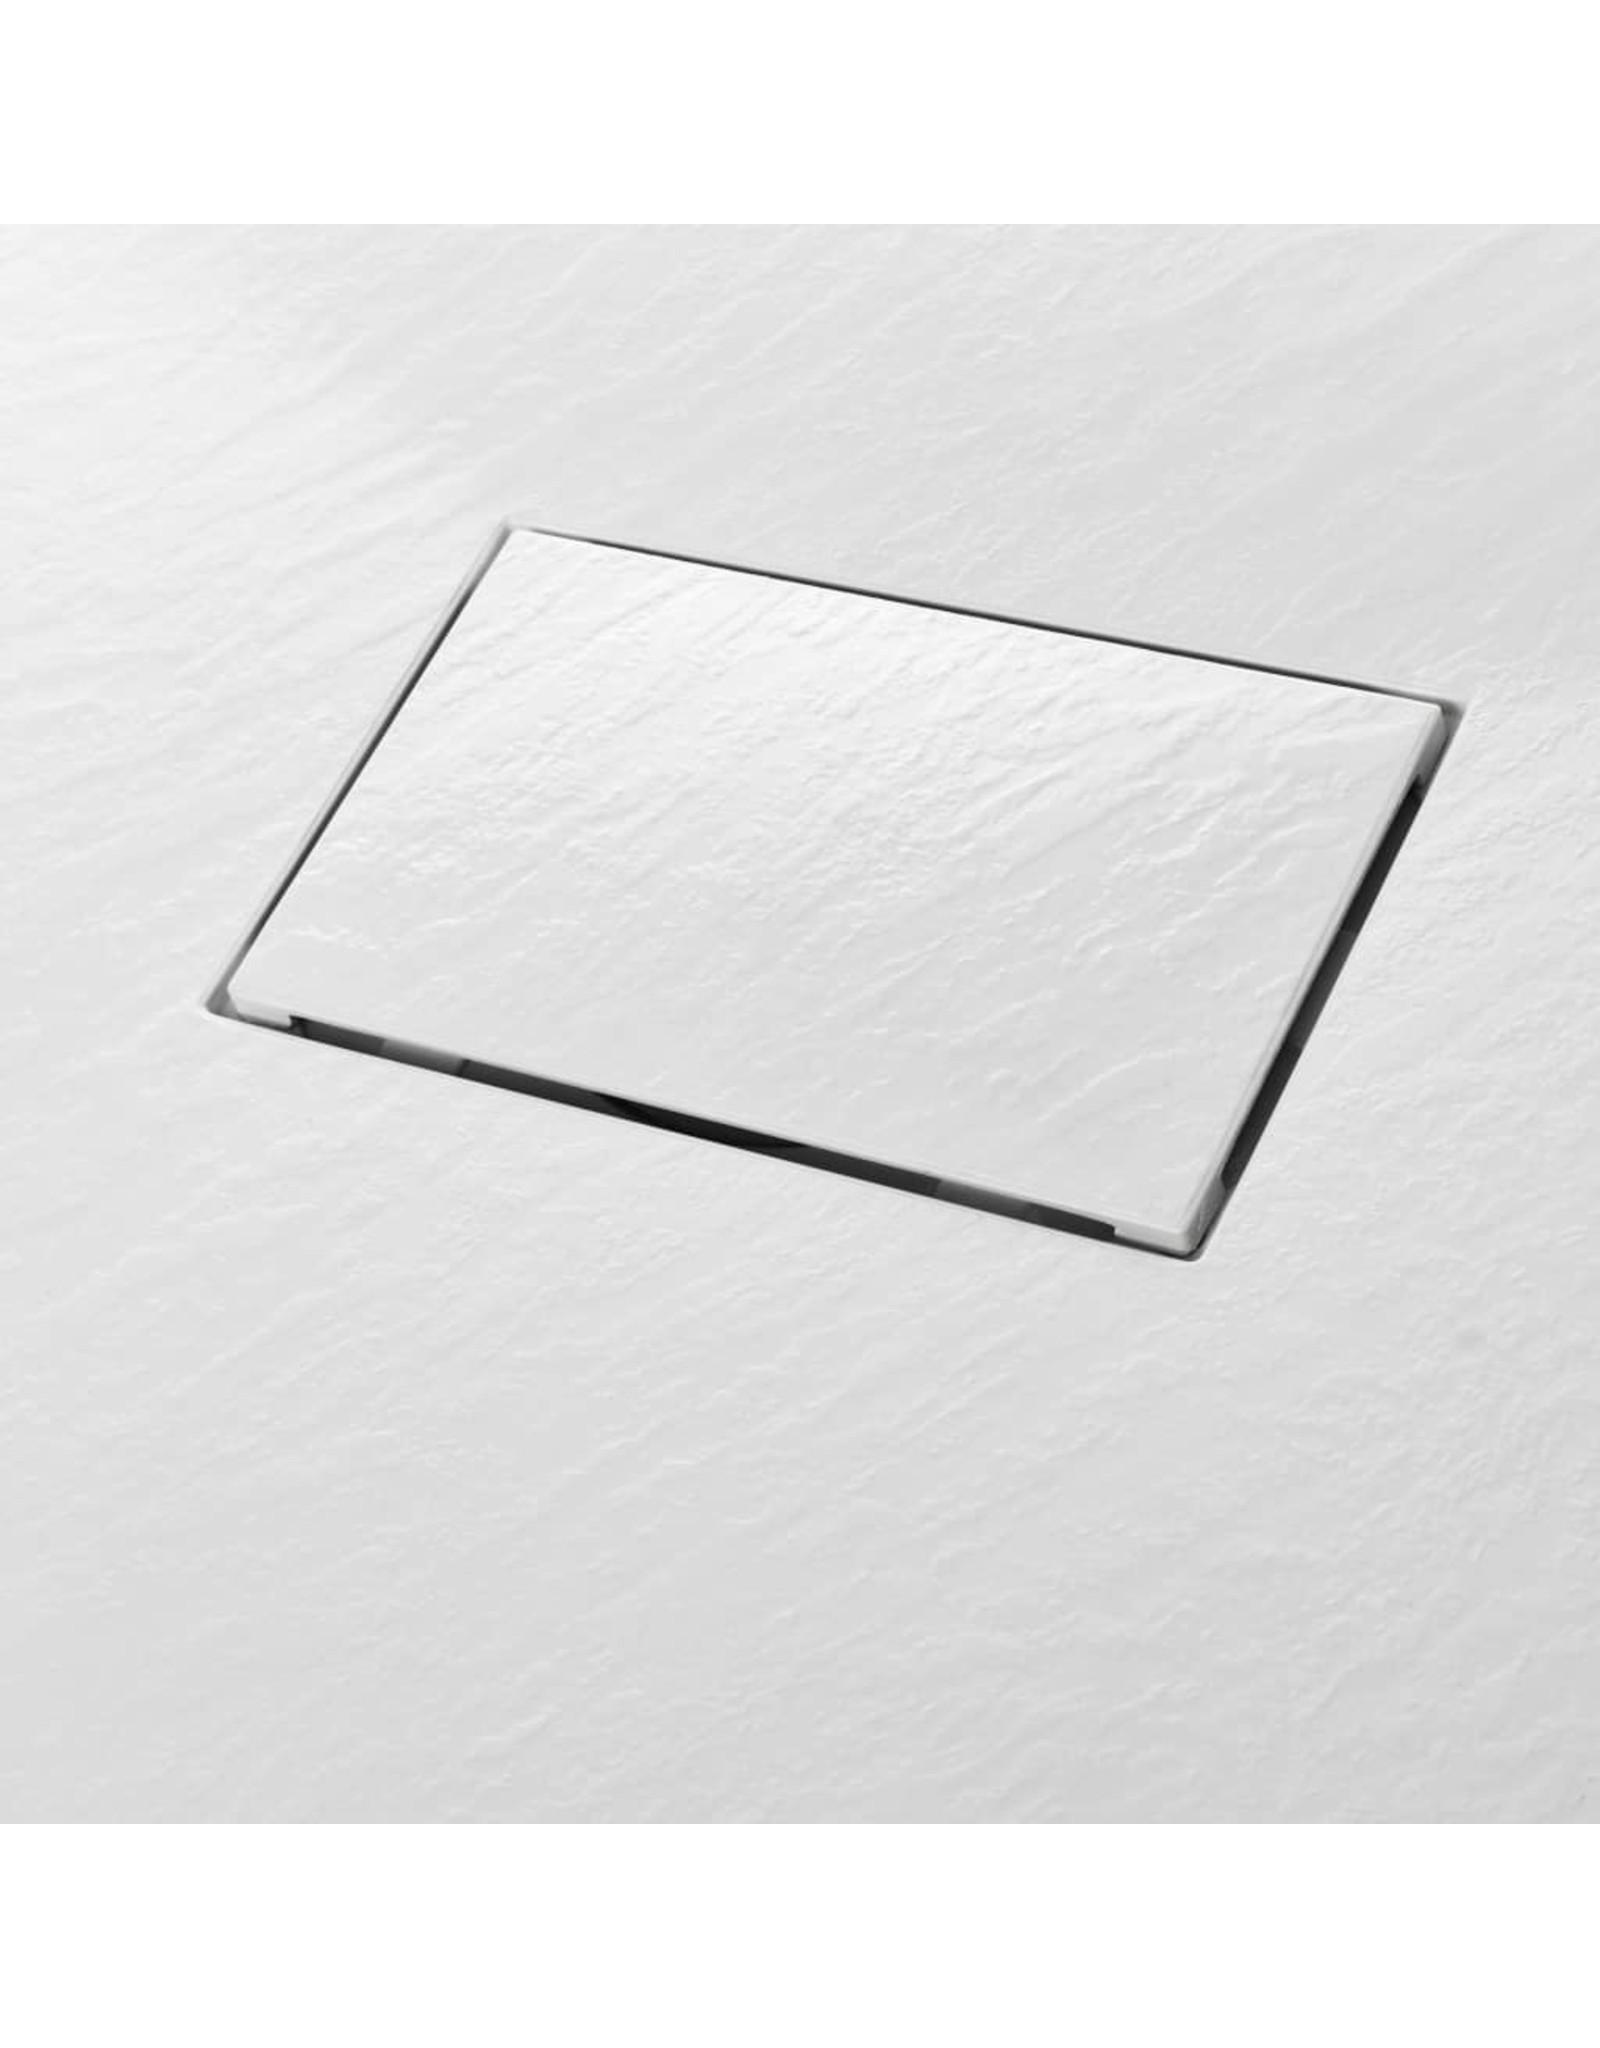 Douchebak 100x80 cm SMC wit